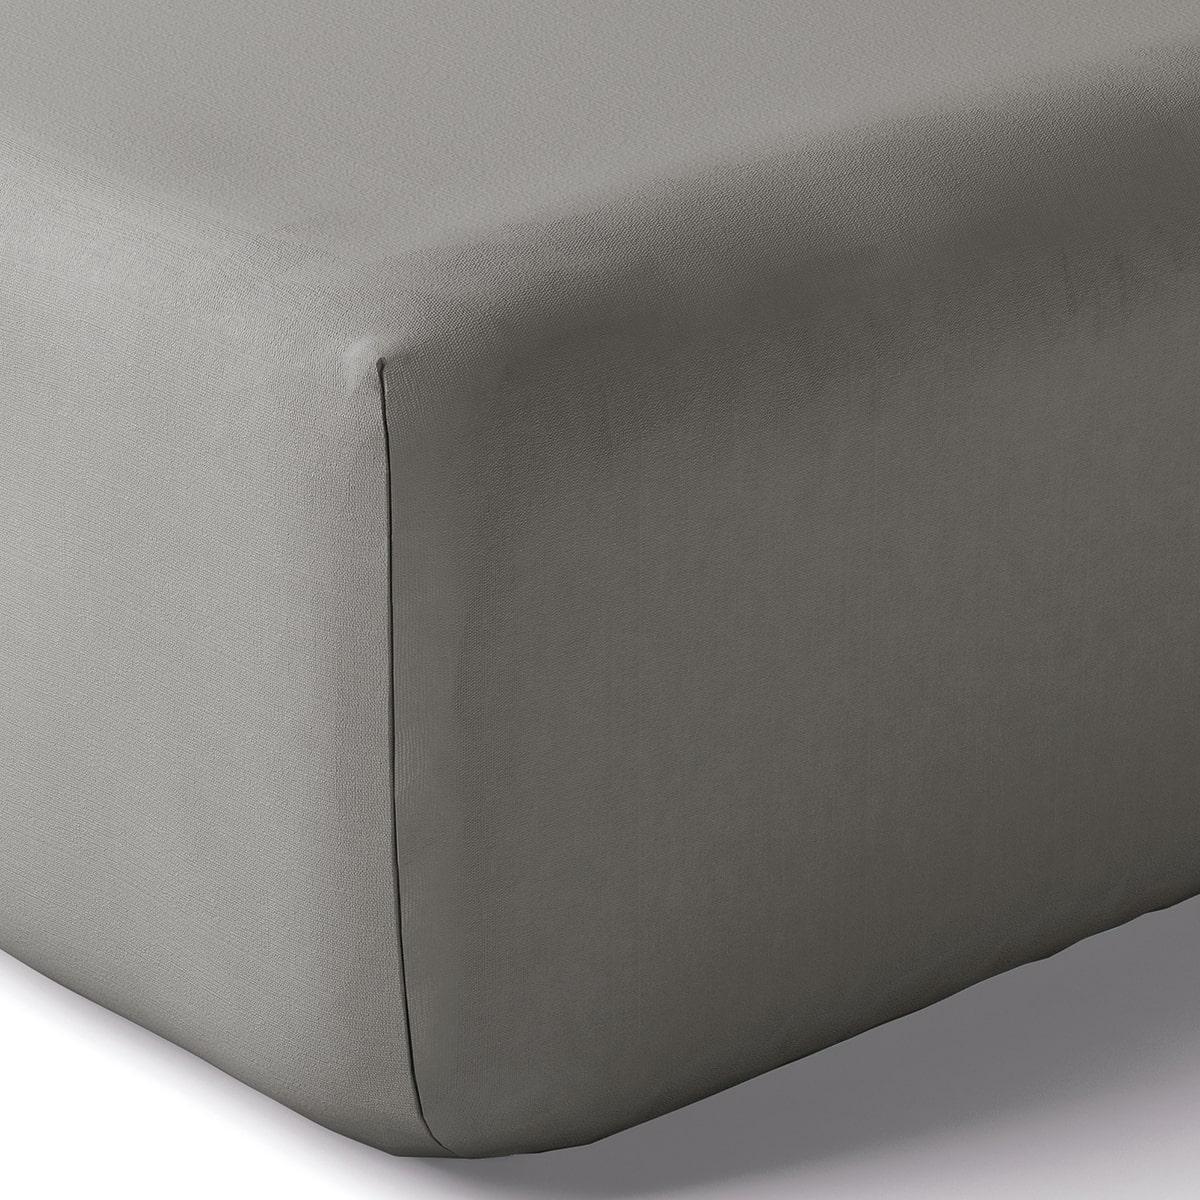 Drap housse coton 180x200 cm brume